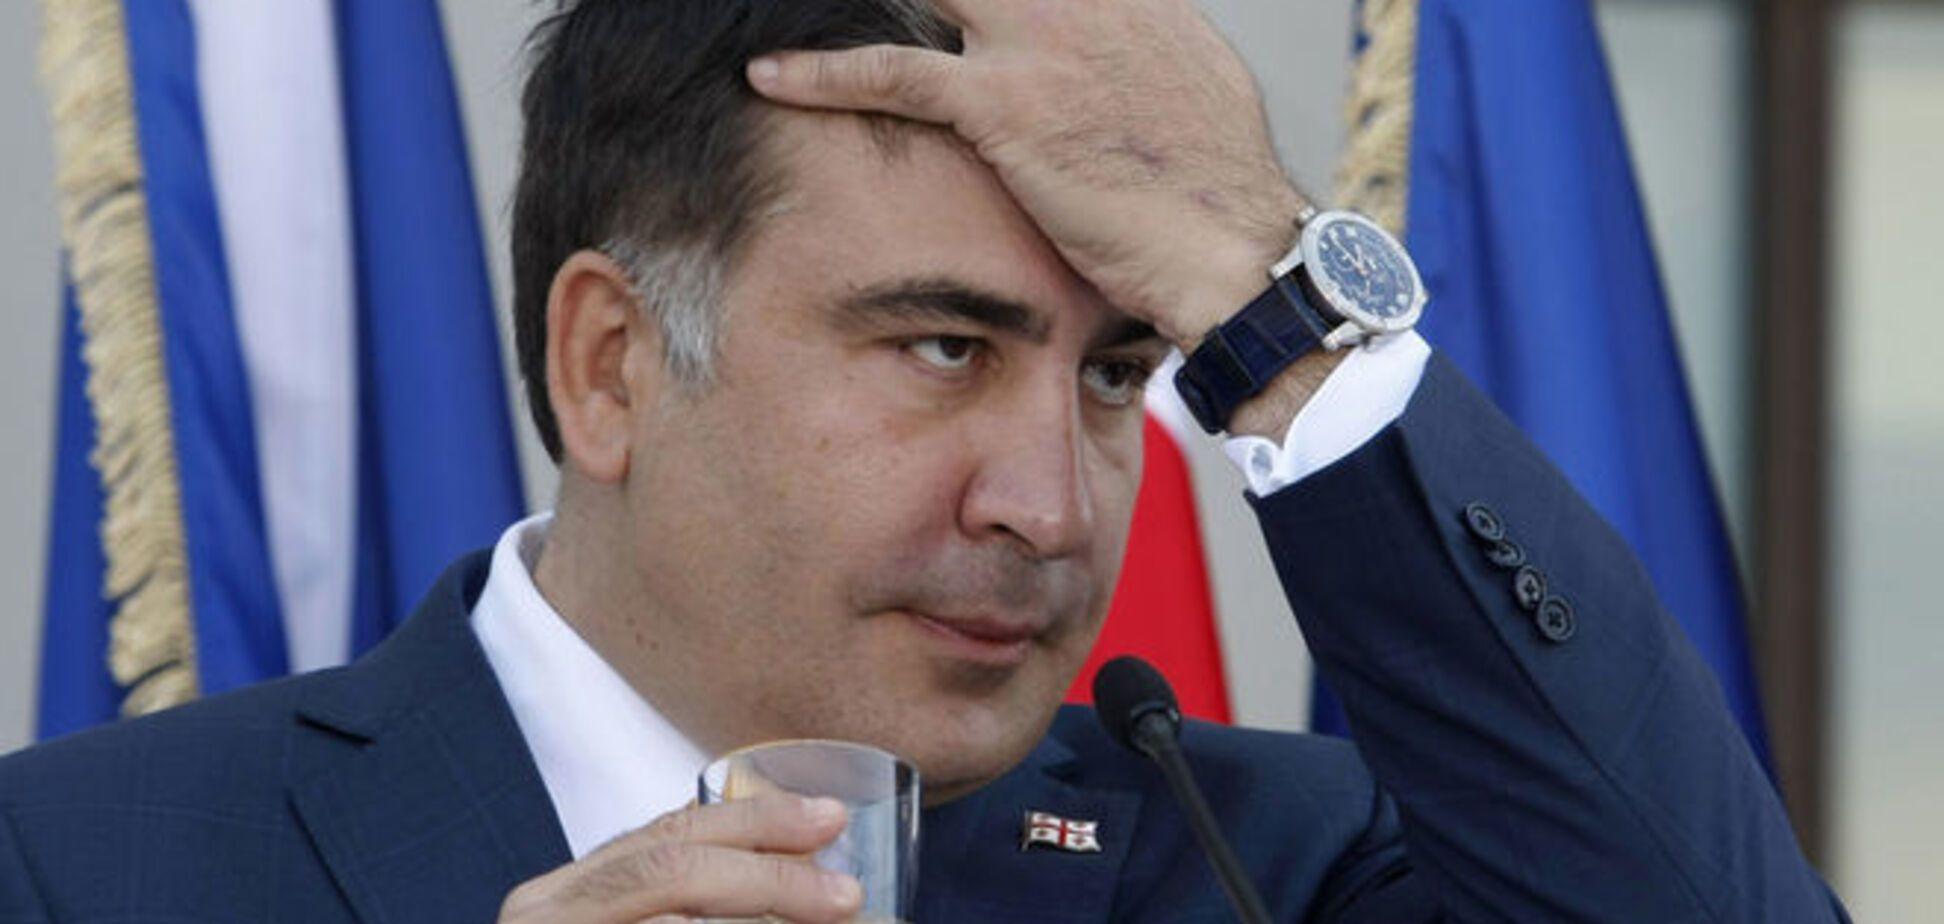 Грузия снова требует от Интерпола объявить в розыск Саакашвили